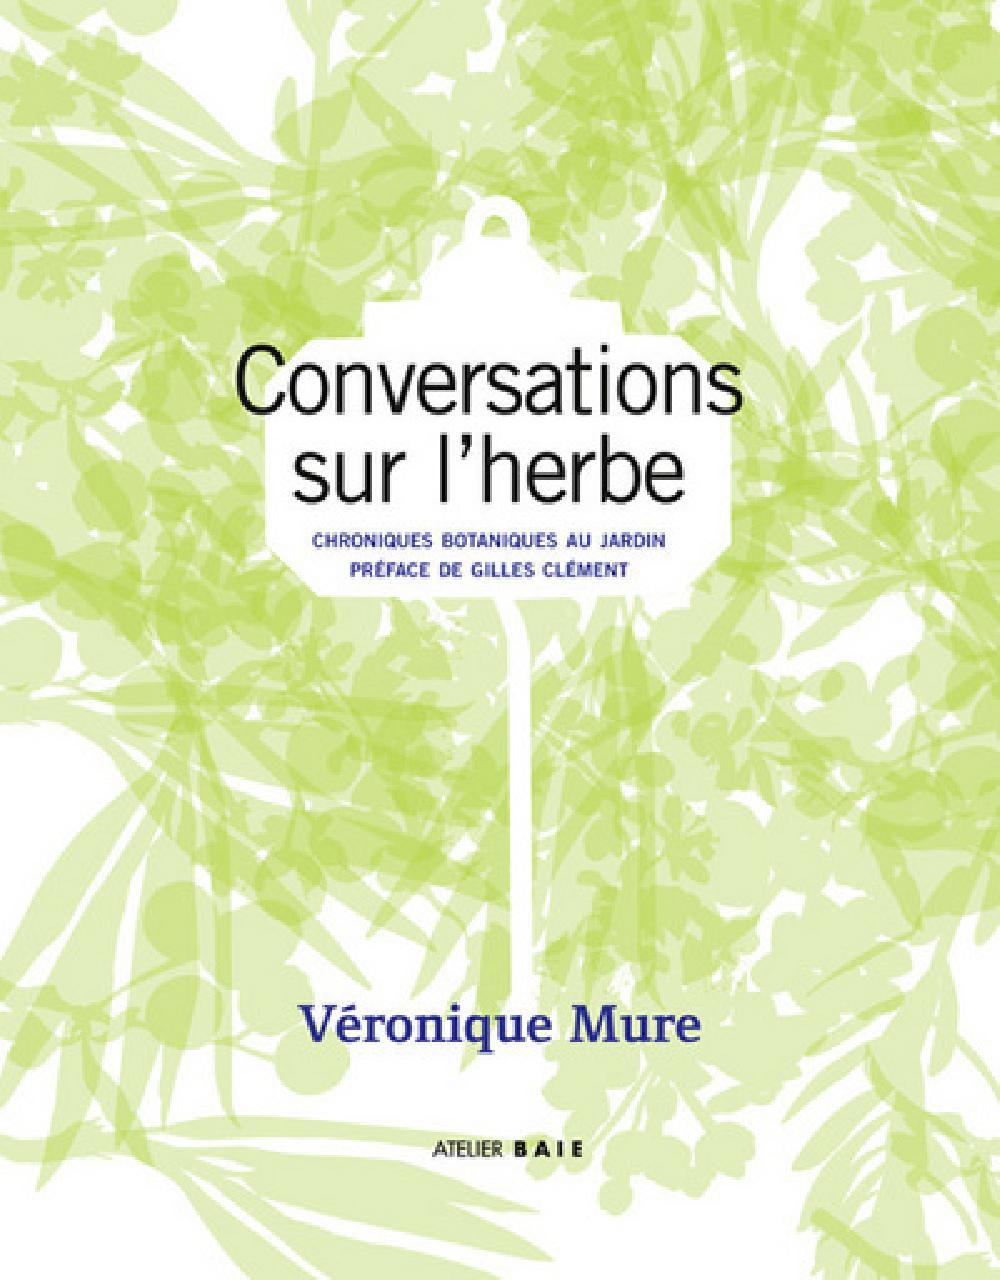 Conversations sur l'herbe - Chroniques botaniques au jardin